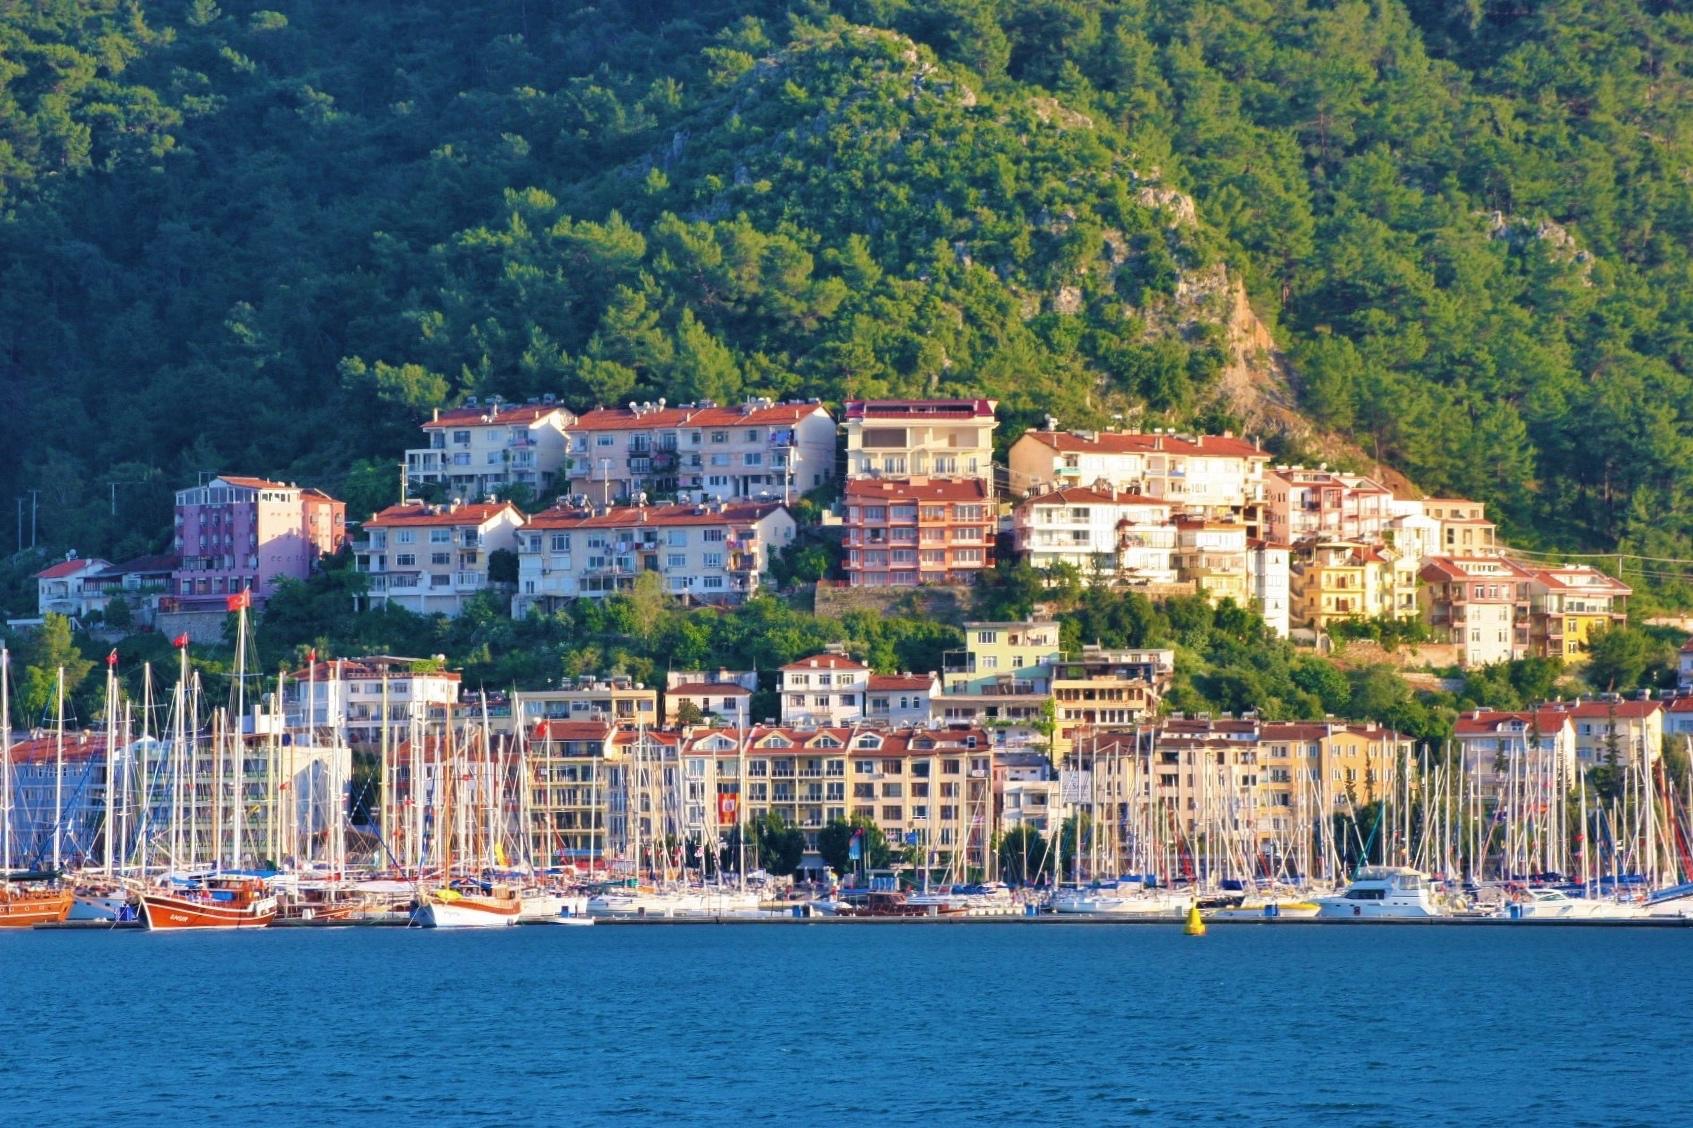 Der Yachthafen von Fethiye mit seinem idyllischen Ortshintergrund